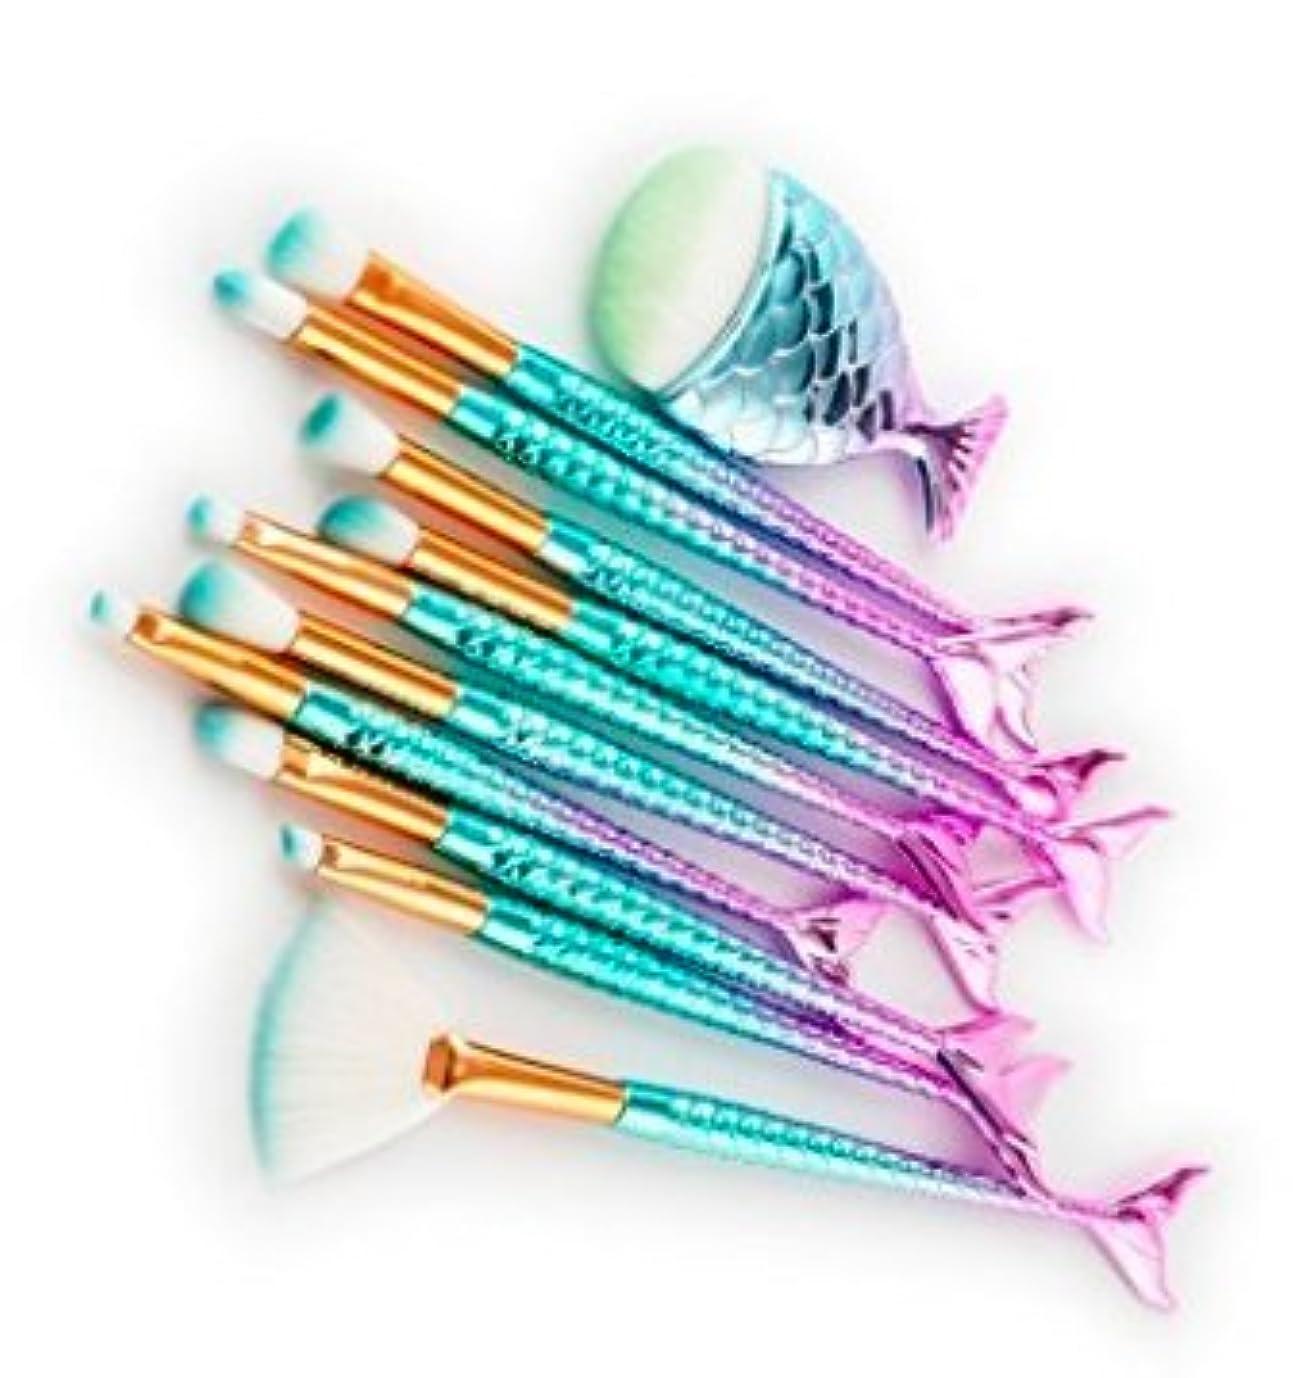 手綱立法道SYNC マーメイドブラシ メイクアップブラシ 10+1 11本セット 極細毛 フェイスケア ナイロン製 化粧筆